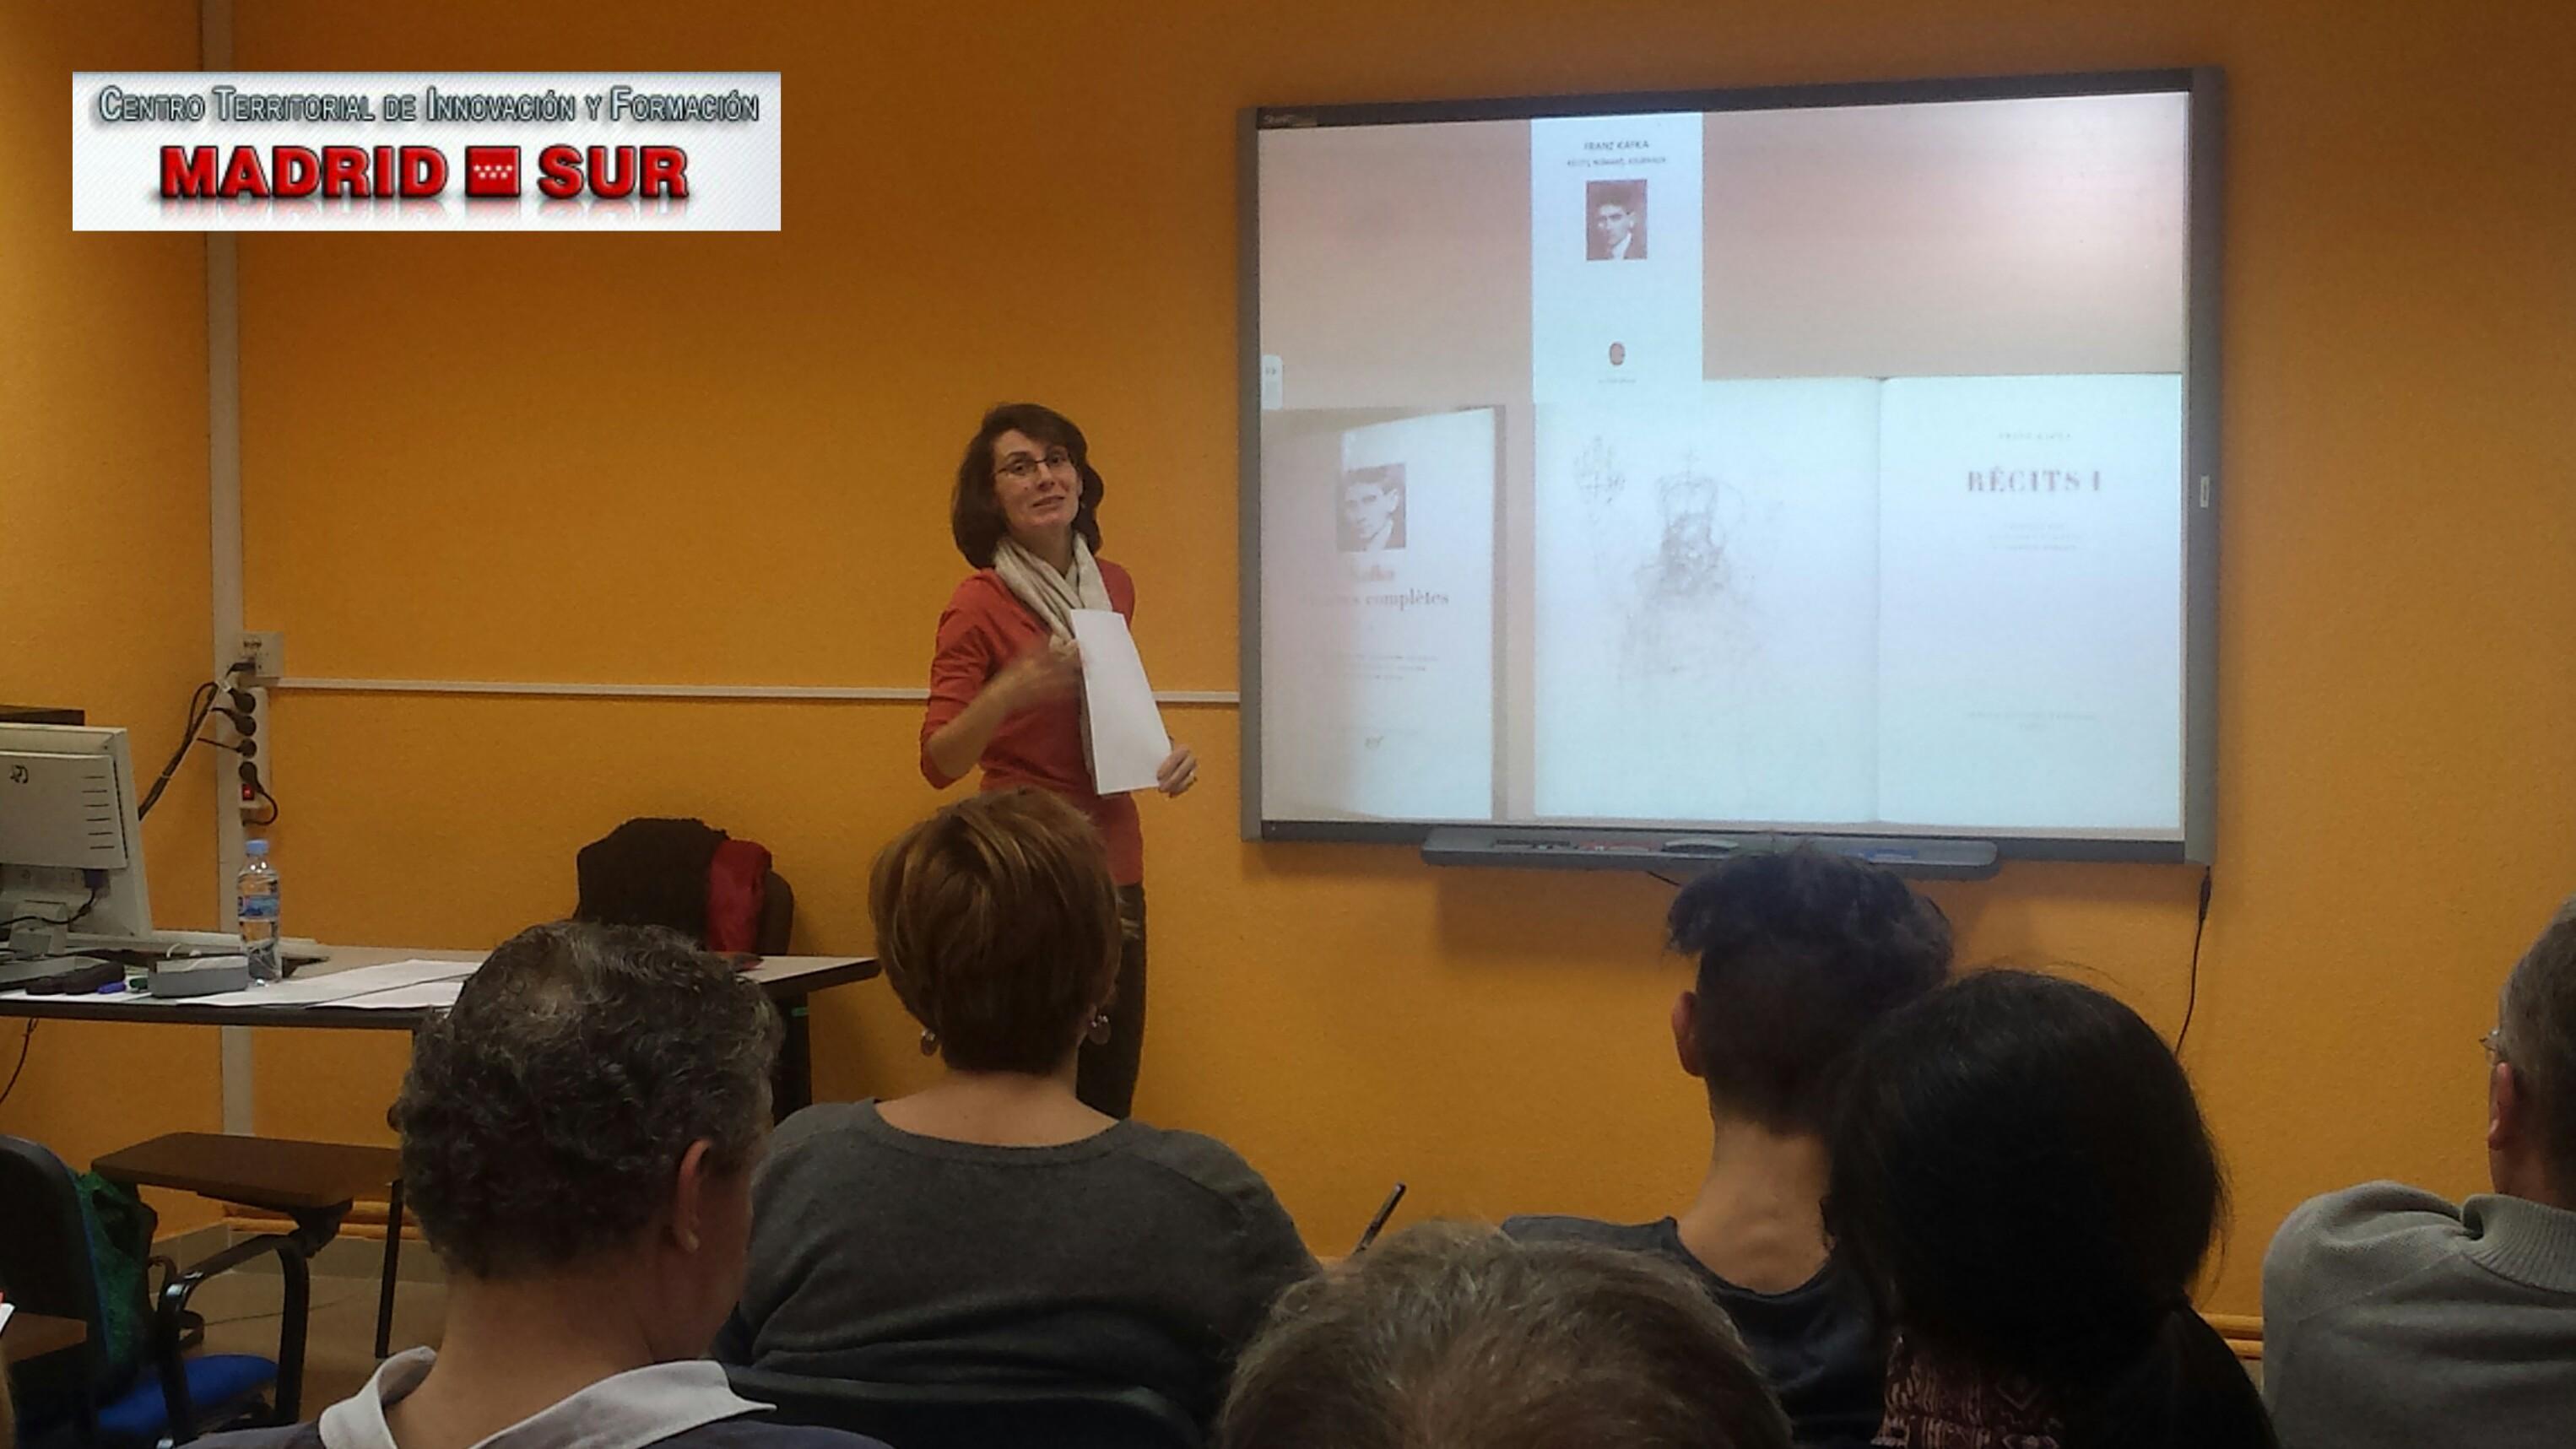 Dña. Pilar Andrade Boué